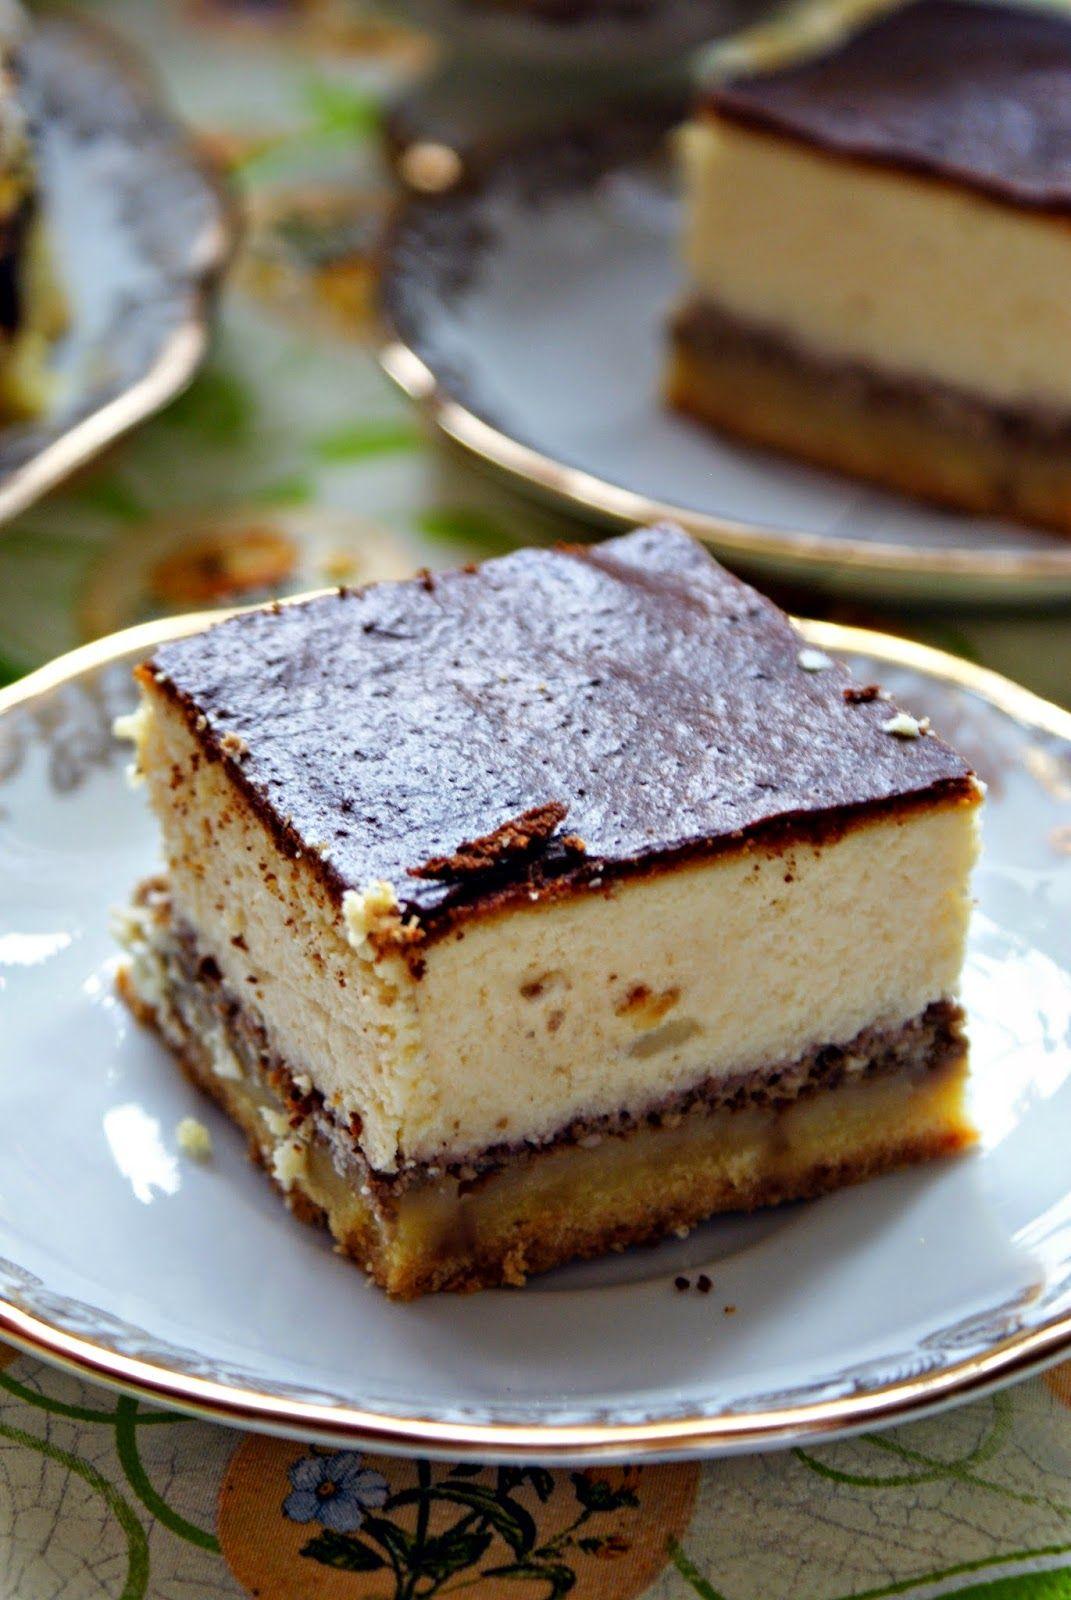 Zapewne zdążyliście zauważyć, iż sernik to jeden z moich ulubionych ciast. Przeważnie pojawia się na moim stole w wersji klasycznej, jedn...